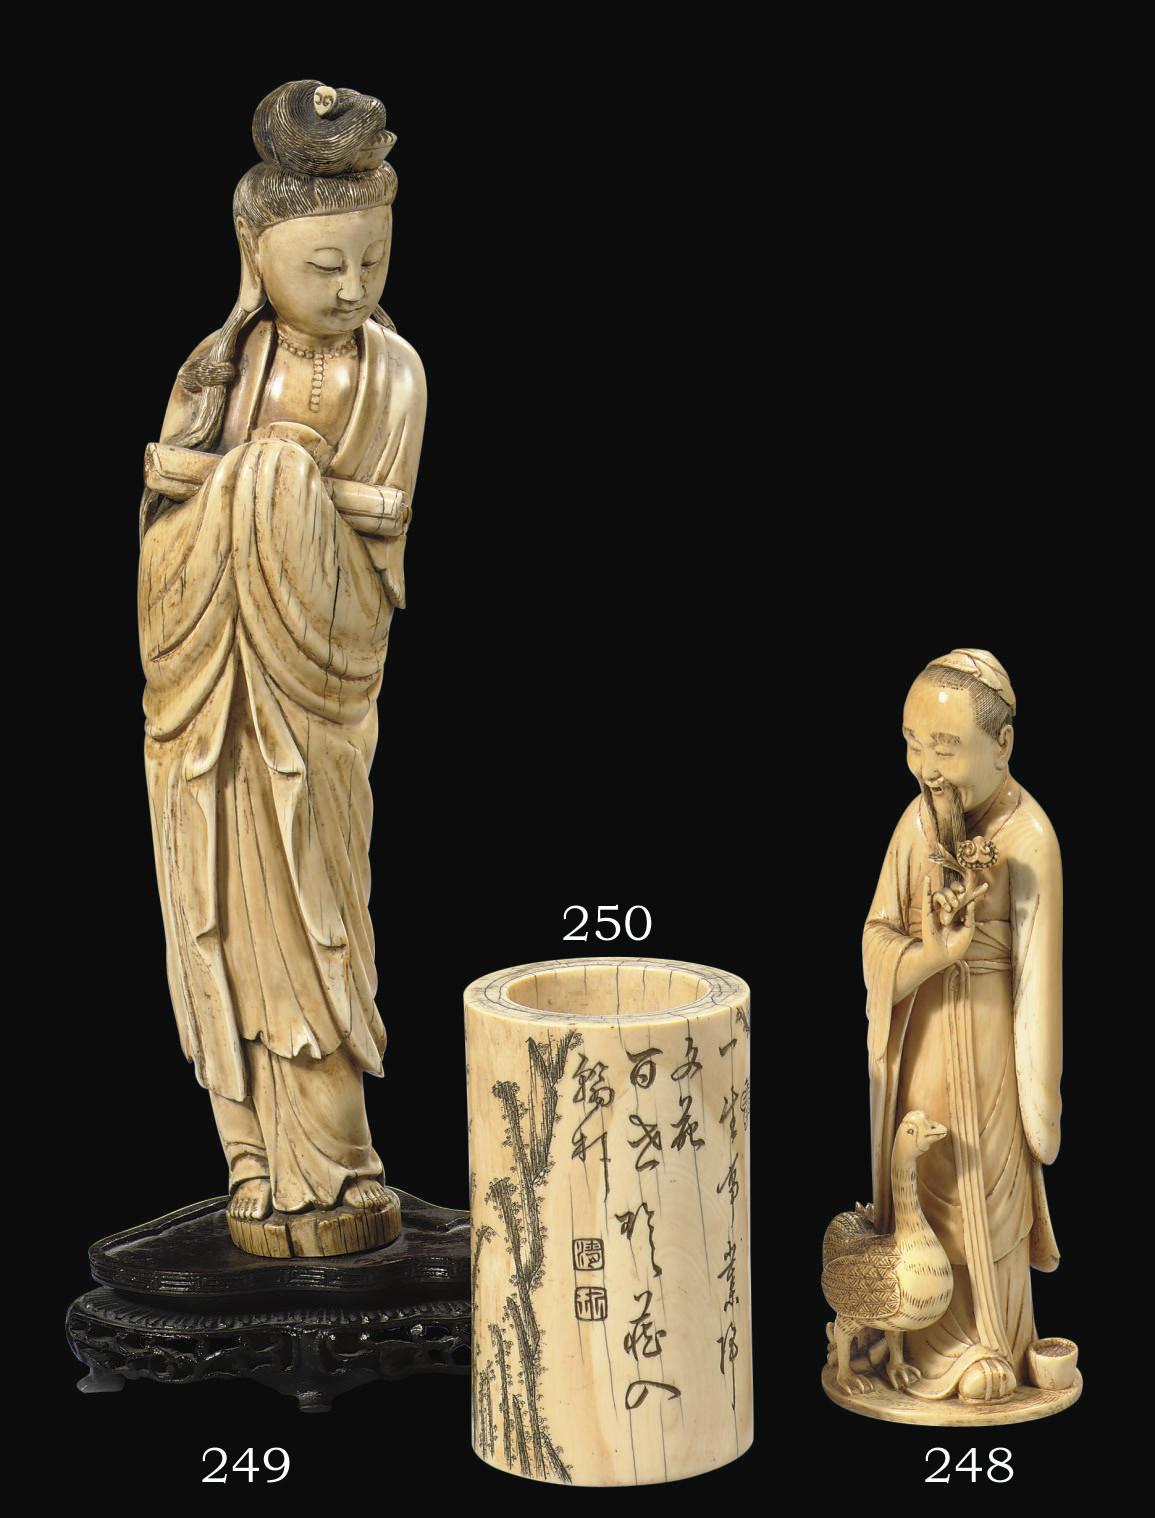 An ivory figure of a scholar